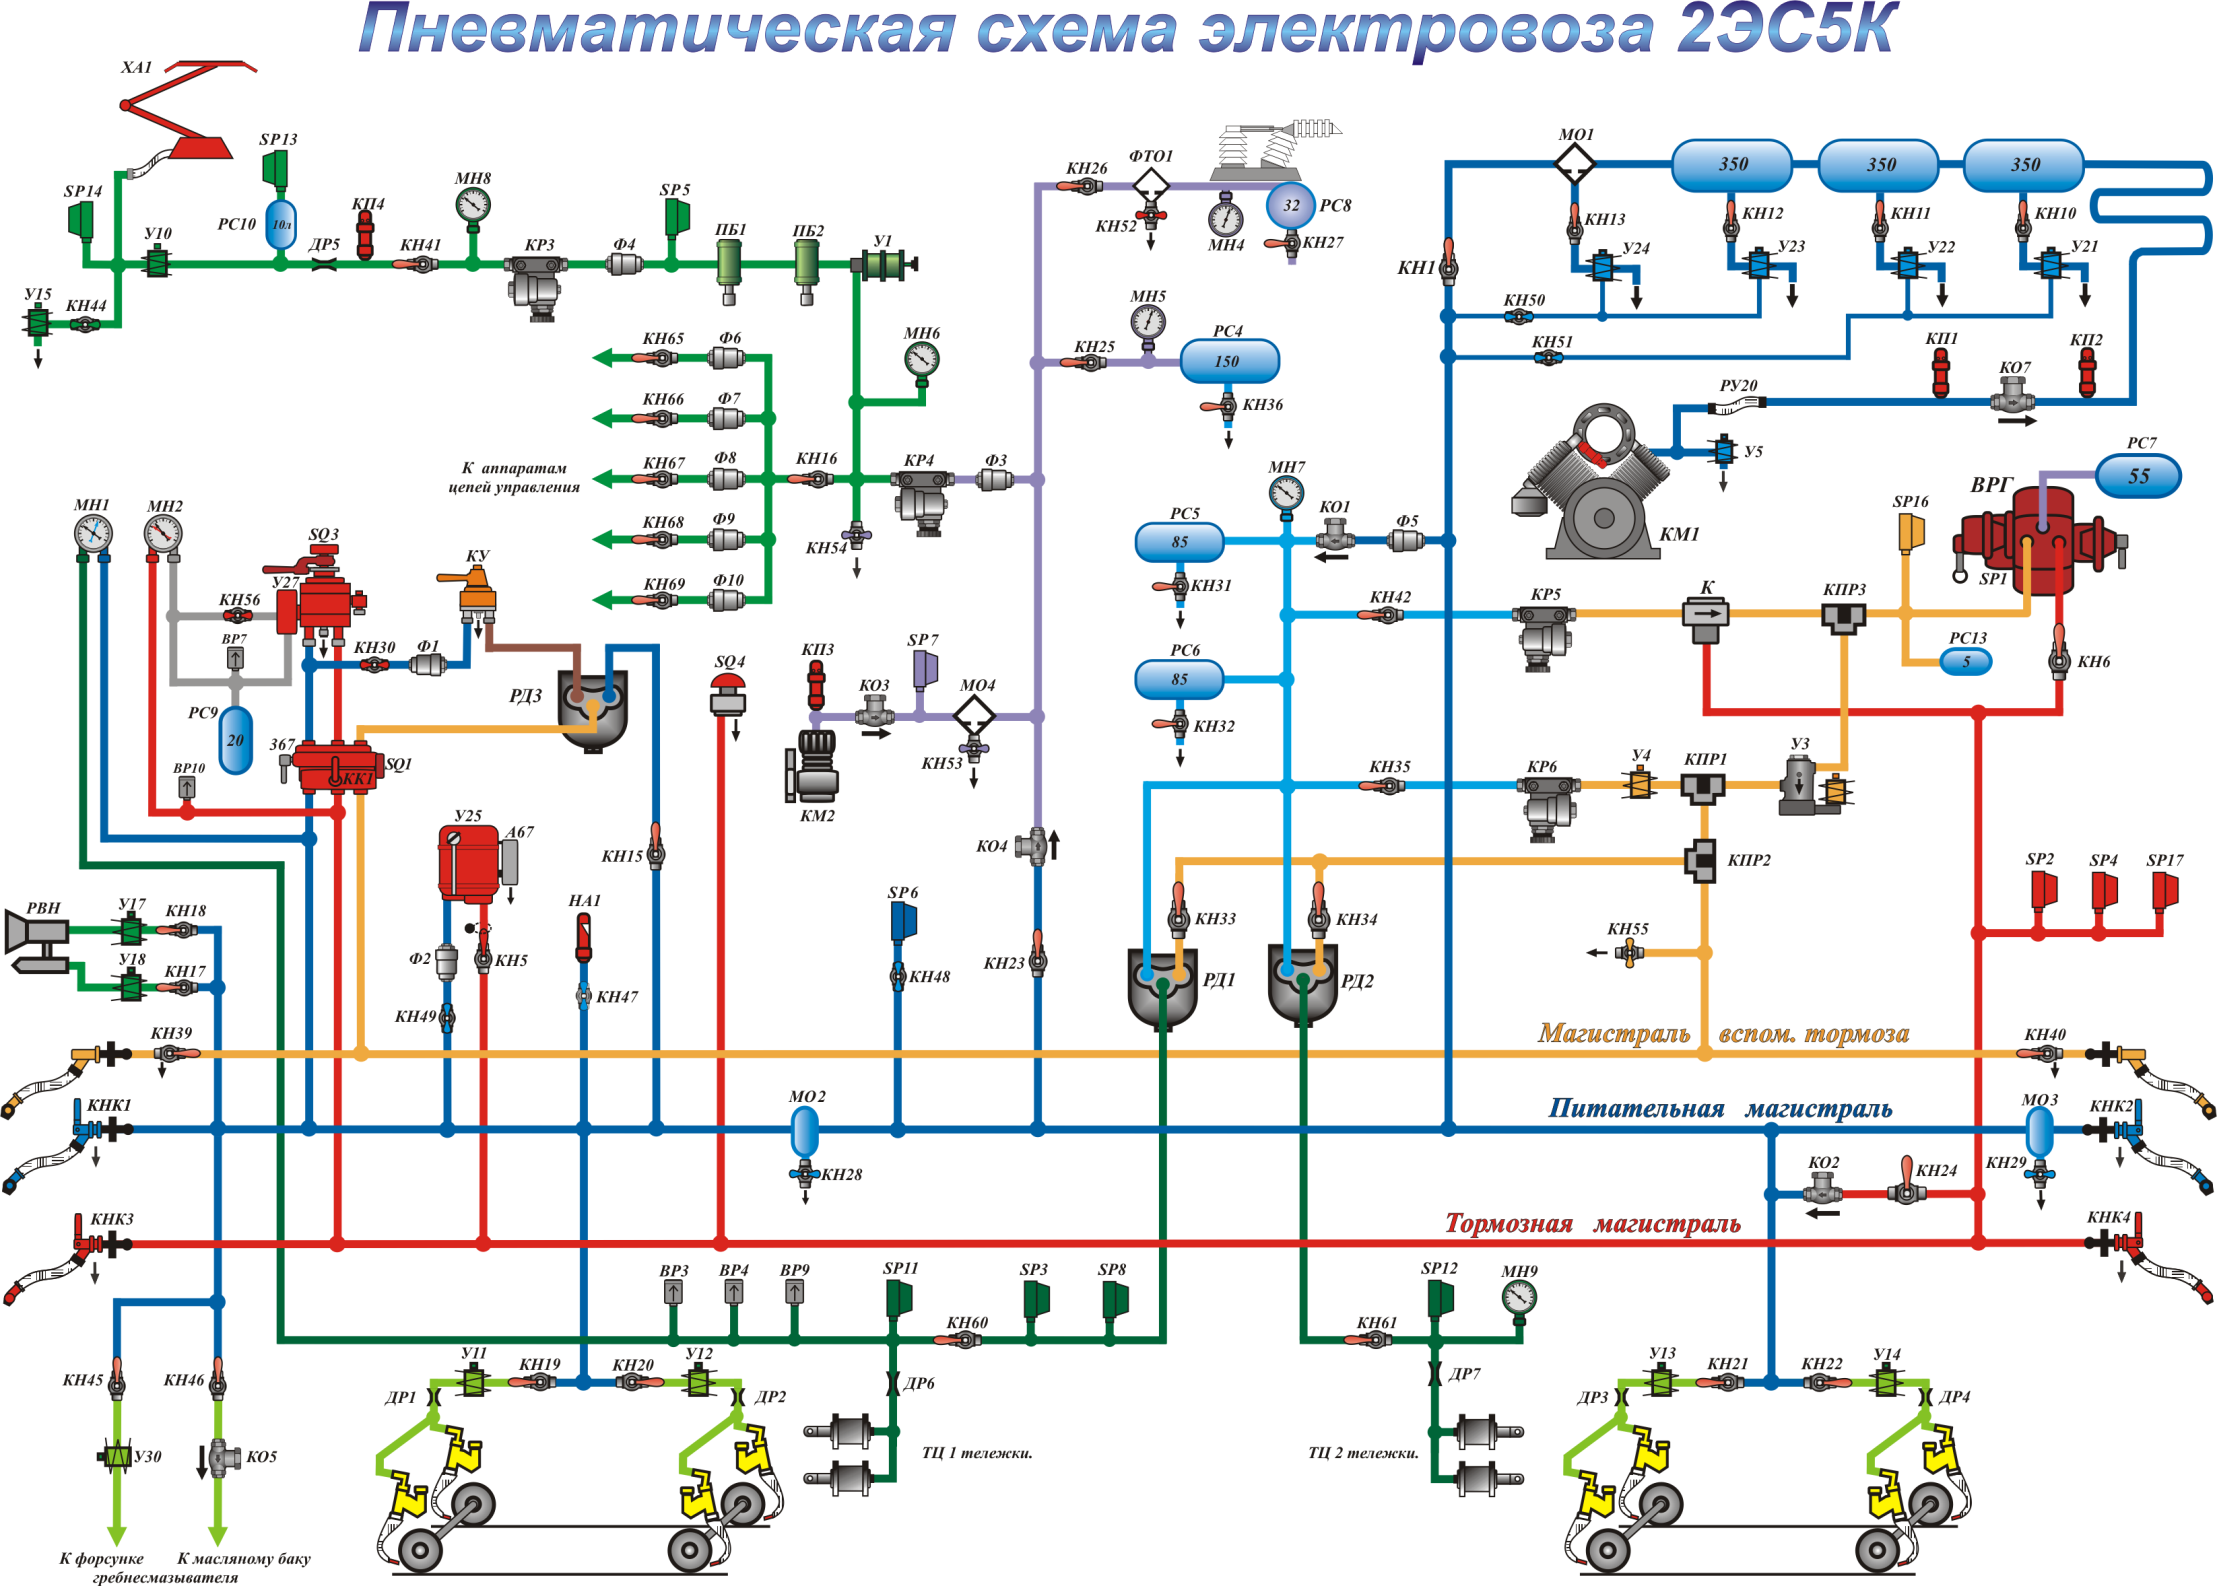 логические схемы электровоза 2эс5к